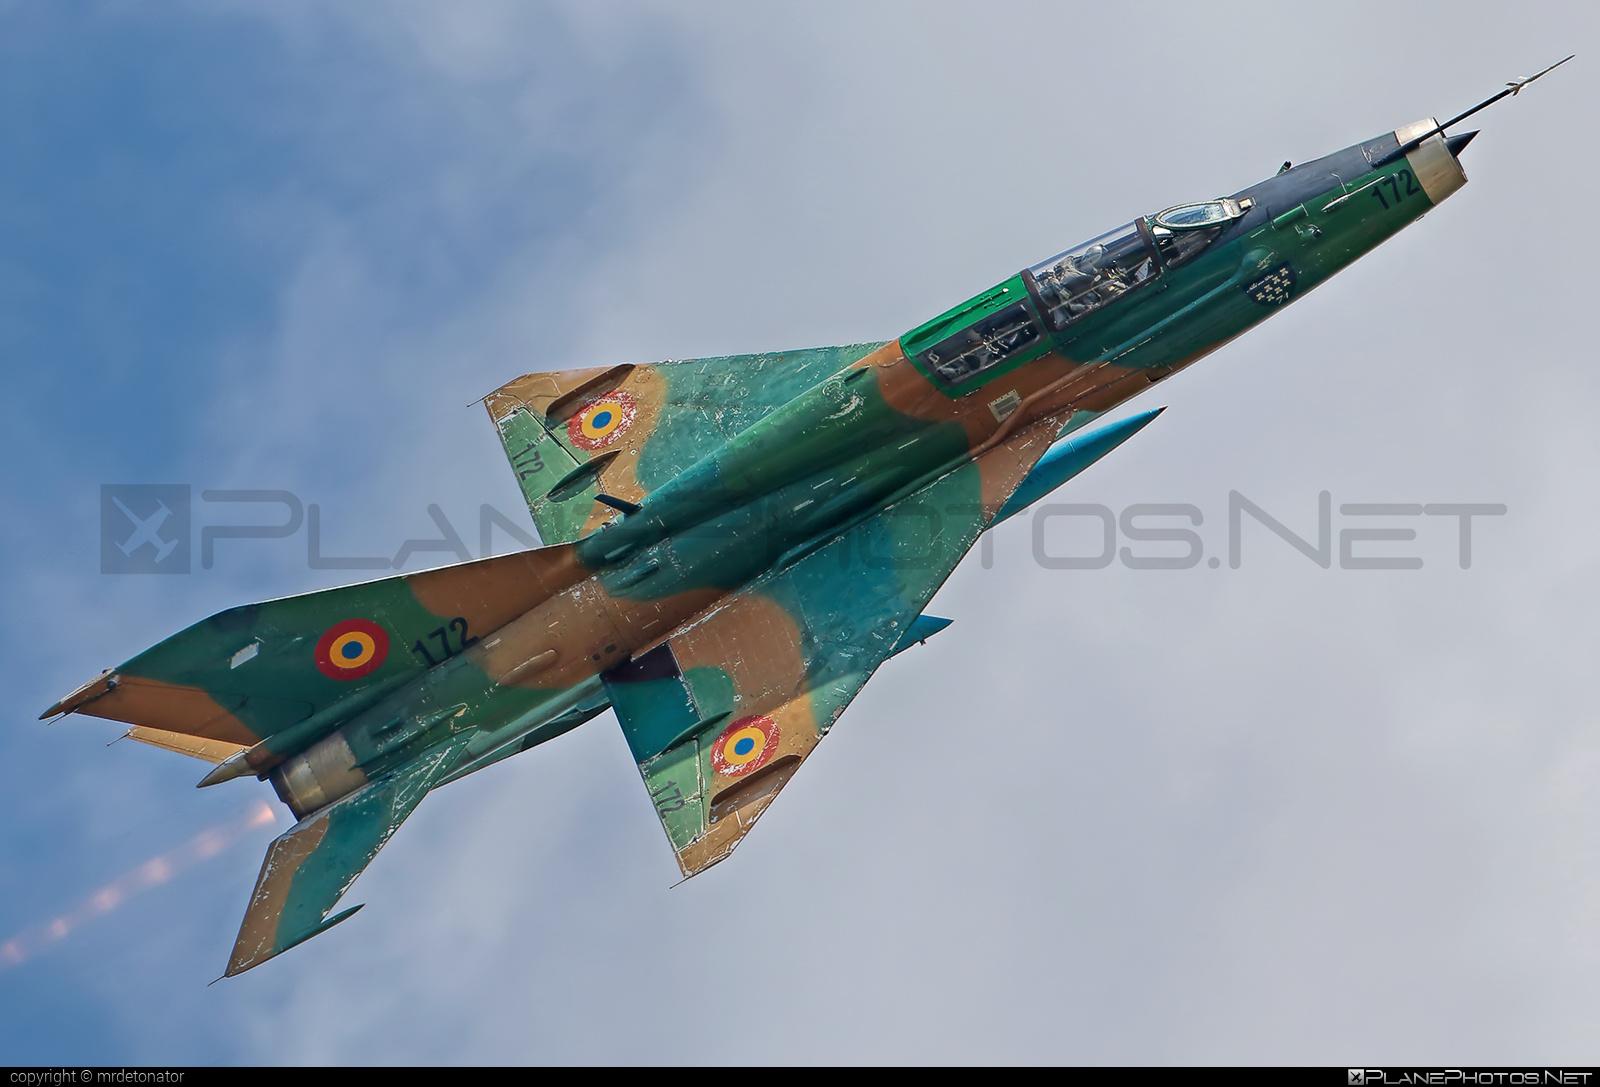 Forţele Aeriene Române (Romanian Air Force) Mikoyan-Gurevich MiG-21UM - 172 #forteleaerieneromane #mig #mig21 #mig21um #mikoyangurevich #romanianairforce